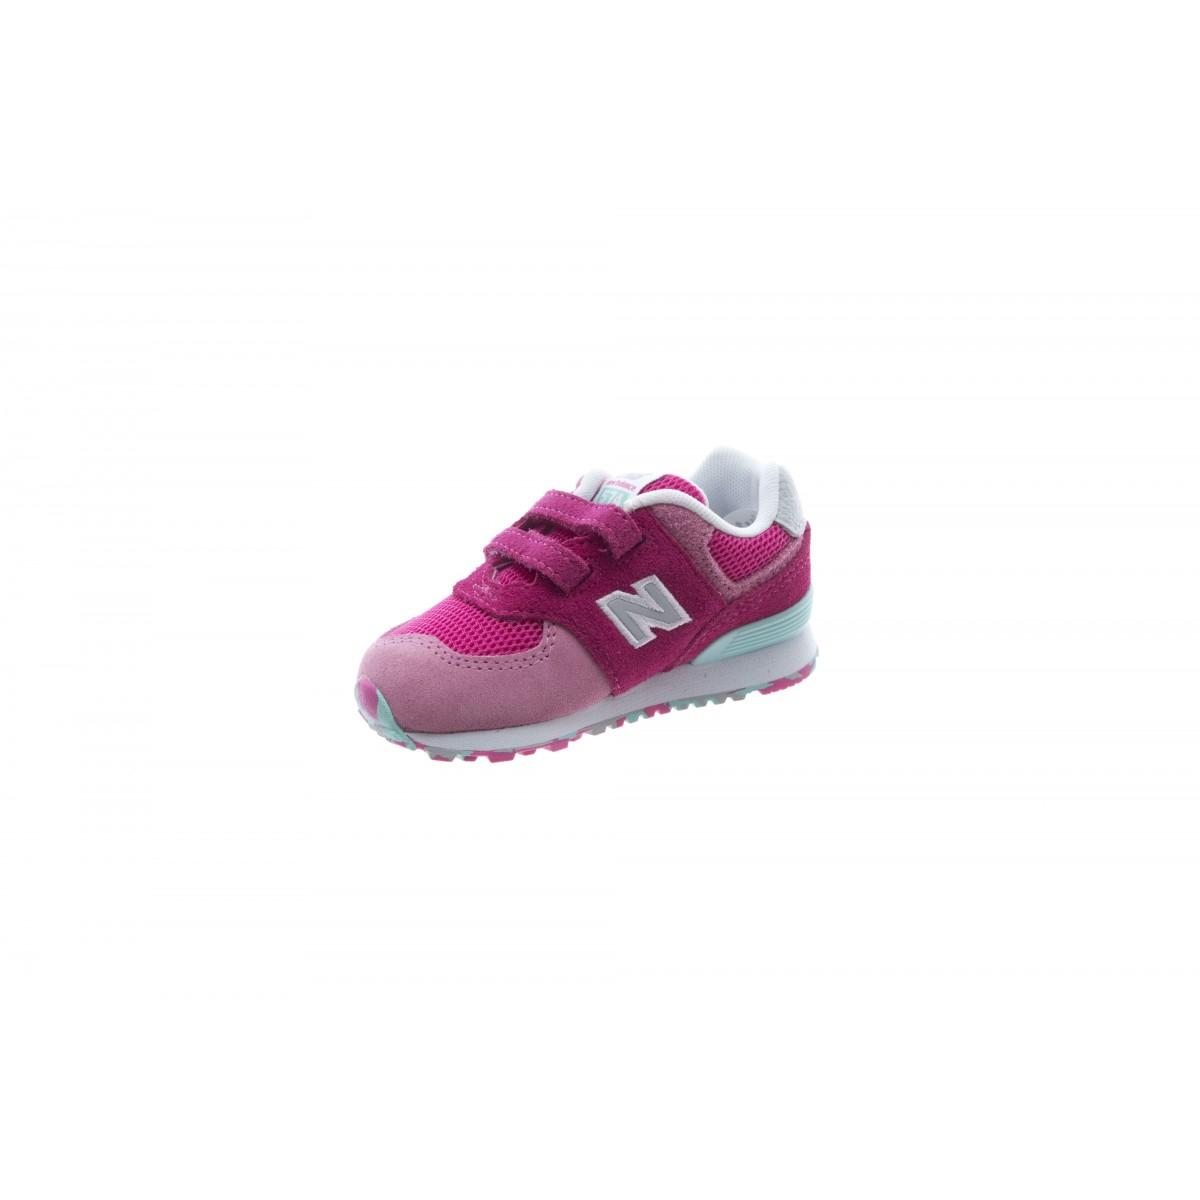 Scarpa - Iv574 bambina infant